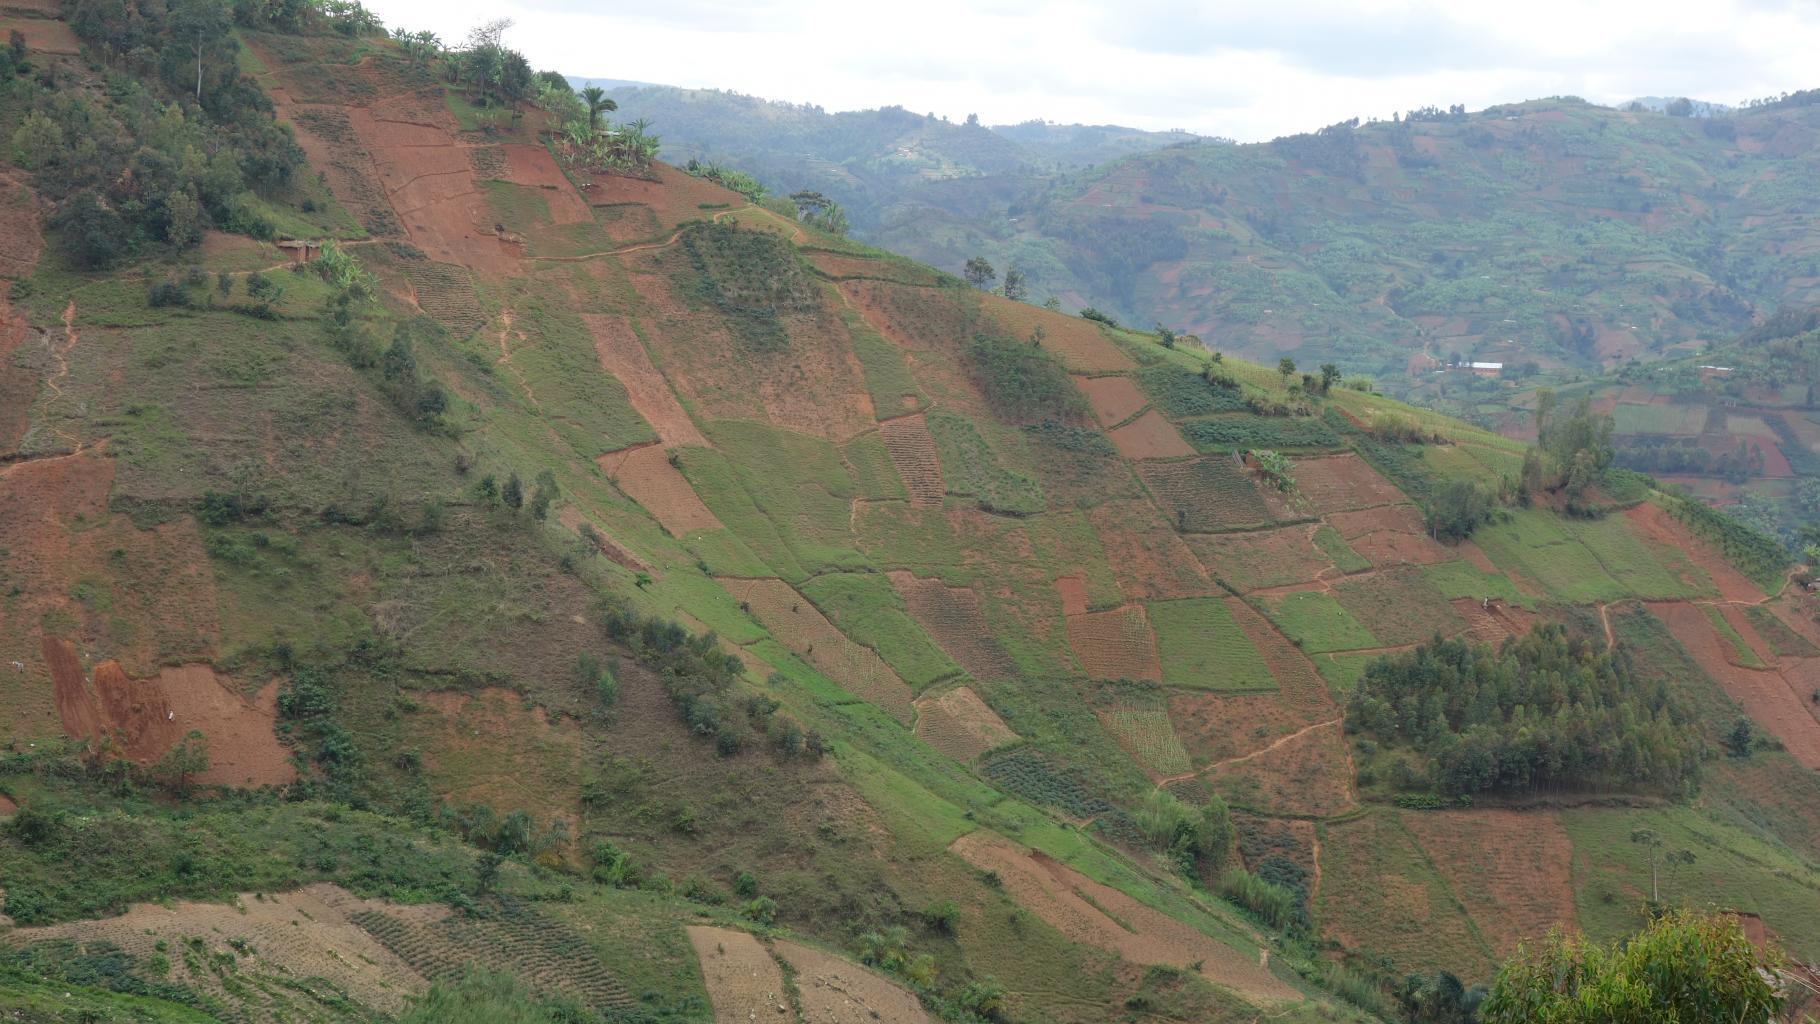 Ein Flickenteppich von bewirtschafteten Feldern an steilen Abhängen